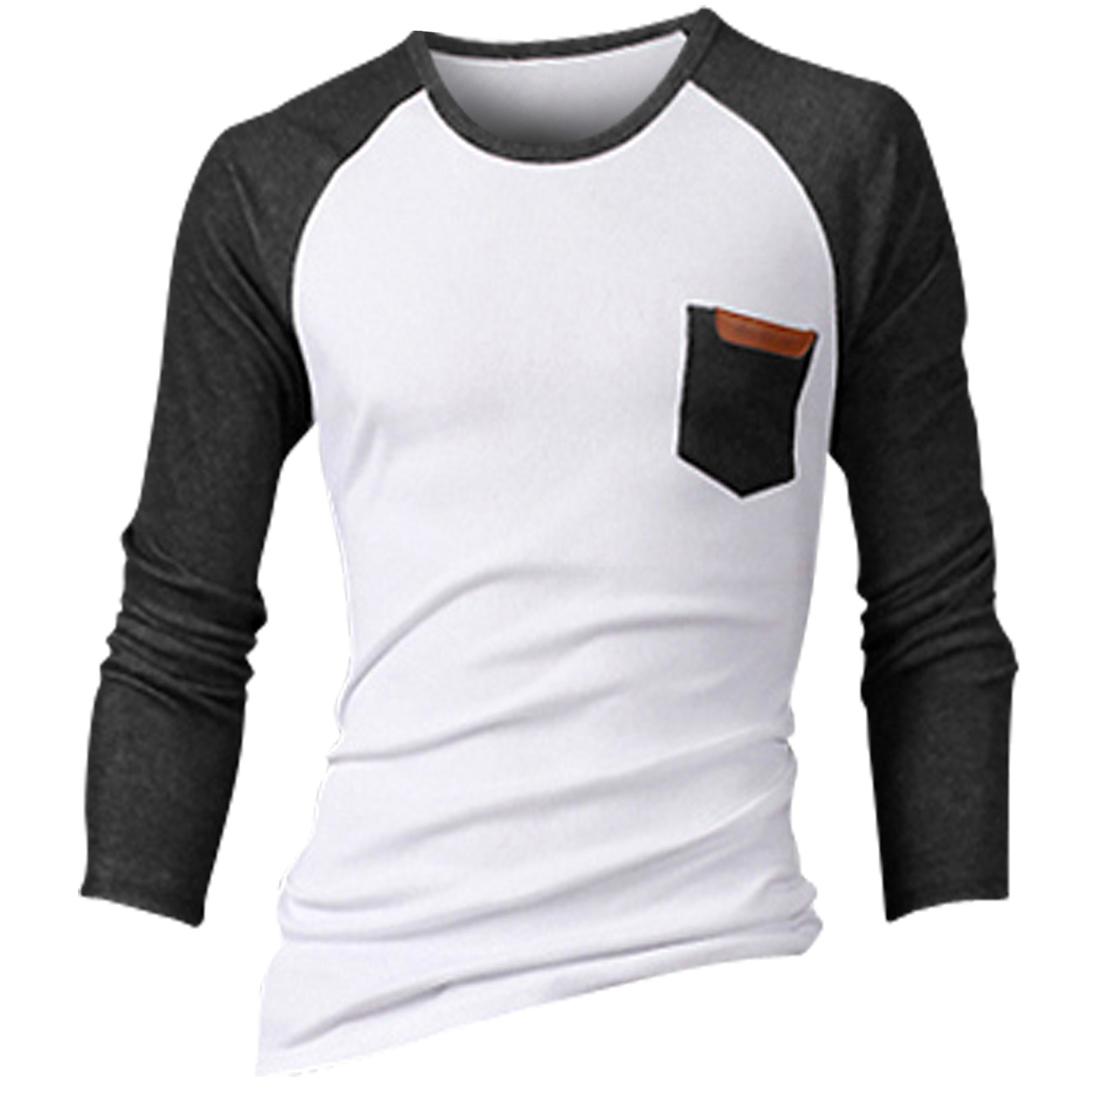 Men Round Neck Raglan Sleeve Pocket Design Chic T-shirt Dark Gray White M